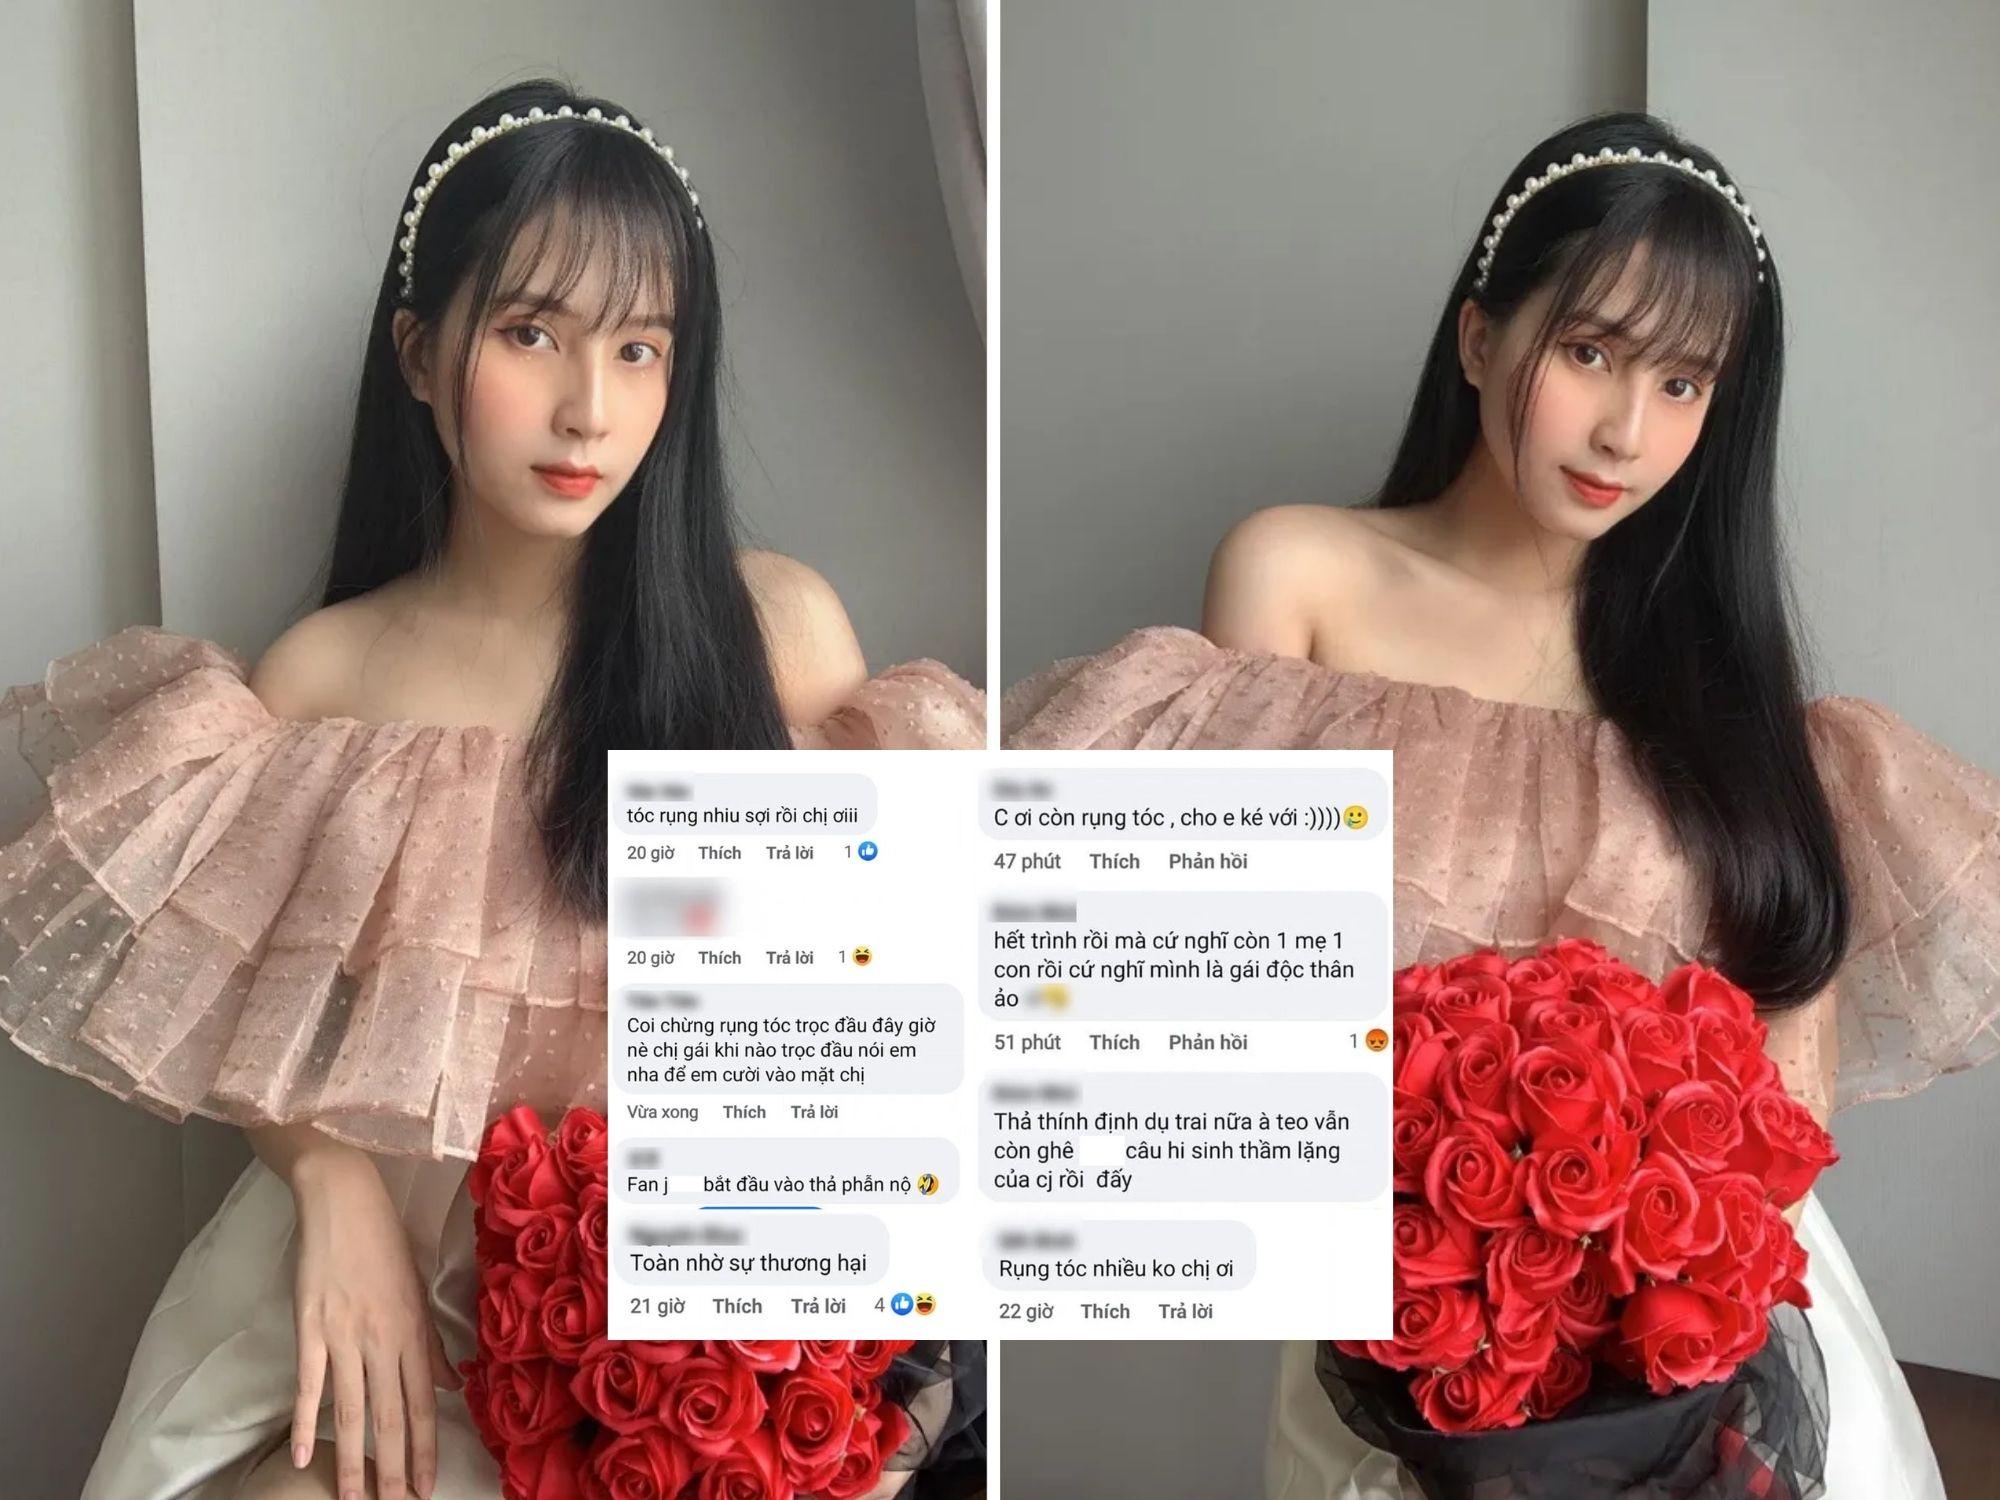 Khoe nhan sắc rực rỡ khi làm mẹ, Thiên An bị fan 'người nào đó' tấn công, cho rằng đang 'kiếm mối' dù đã là gái 1 con